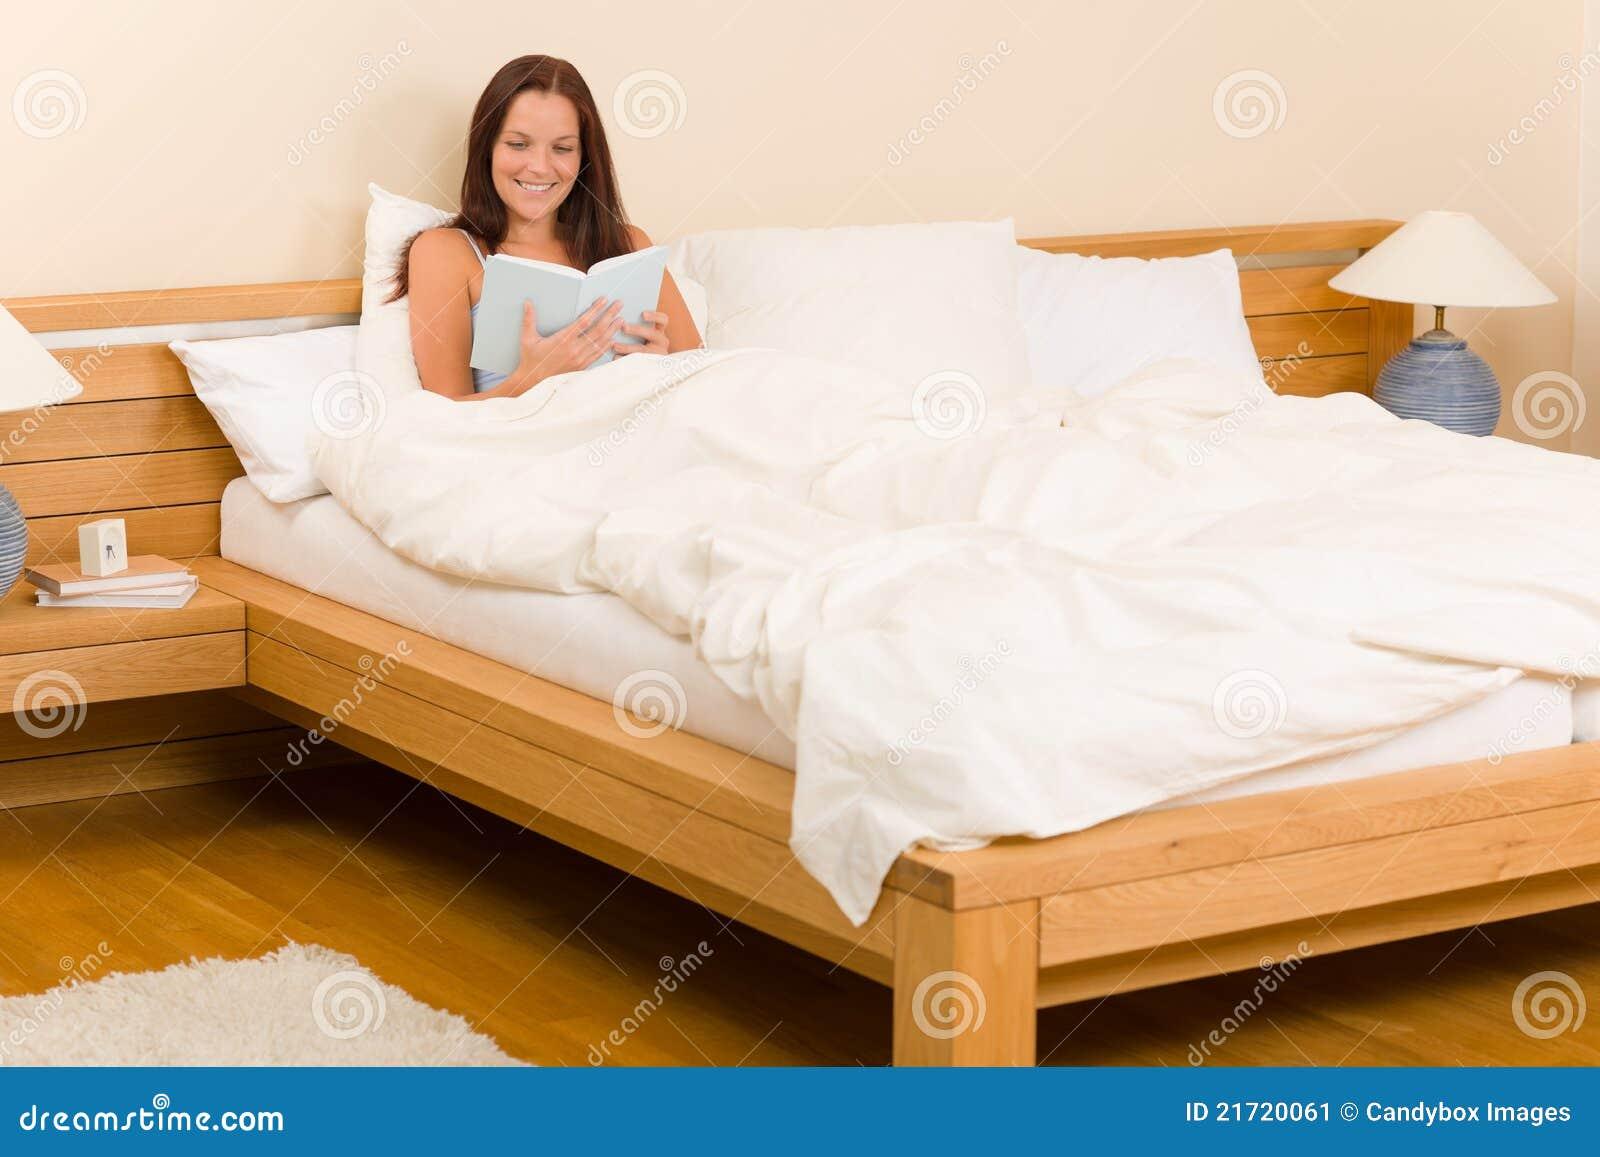 Schlafzimmer - Junge Frau Las Buch Im Bett Stockbild - Bild von frau ...